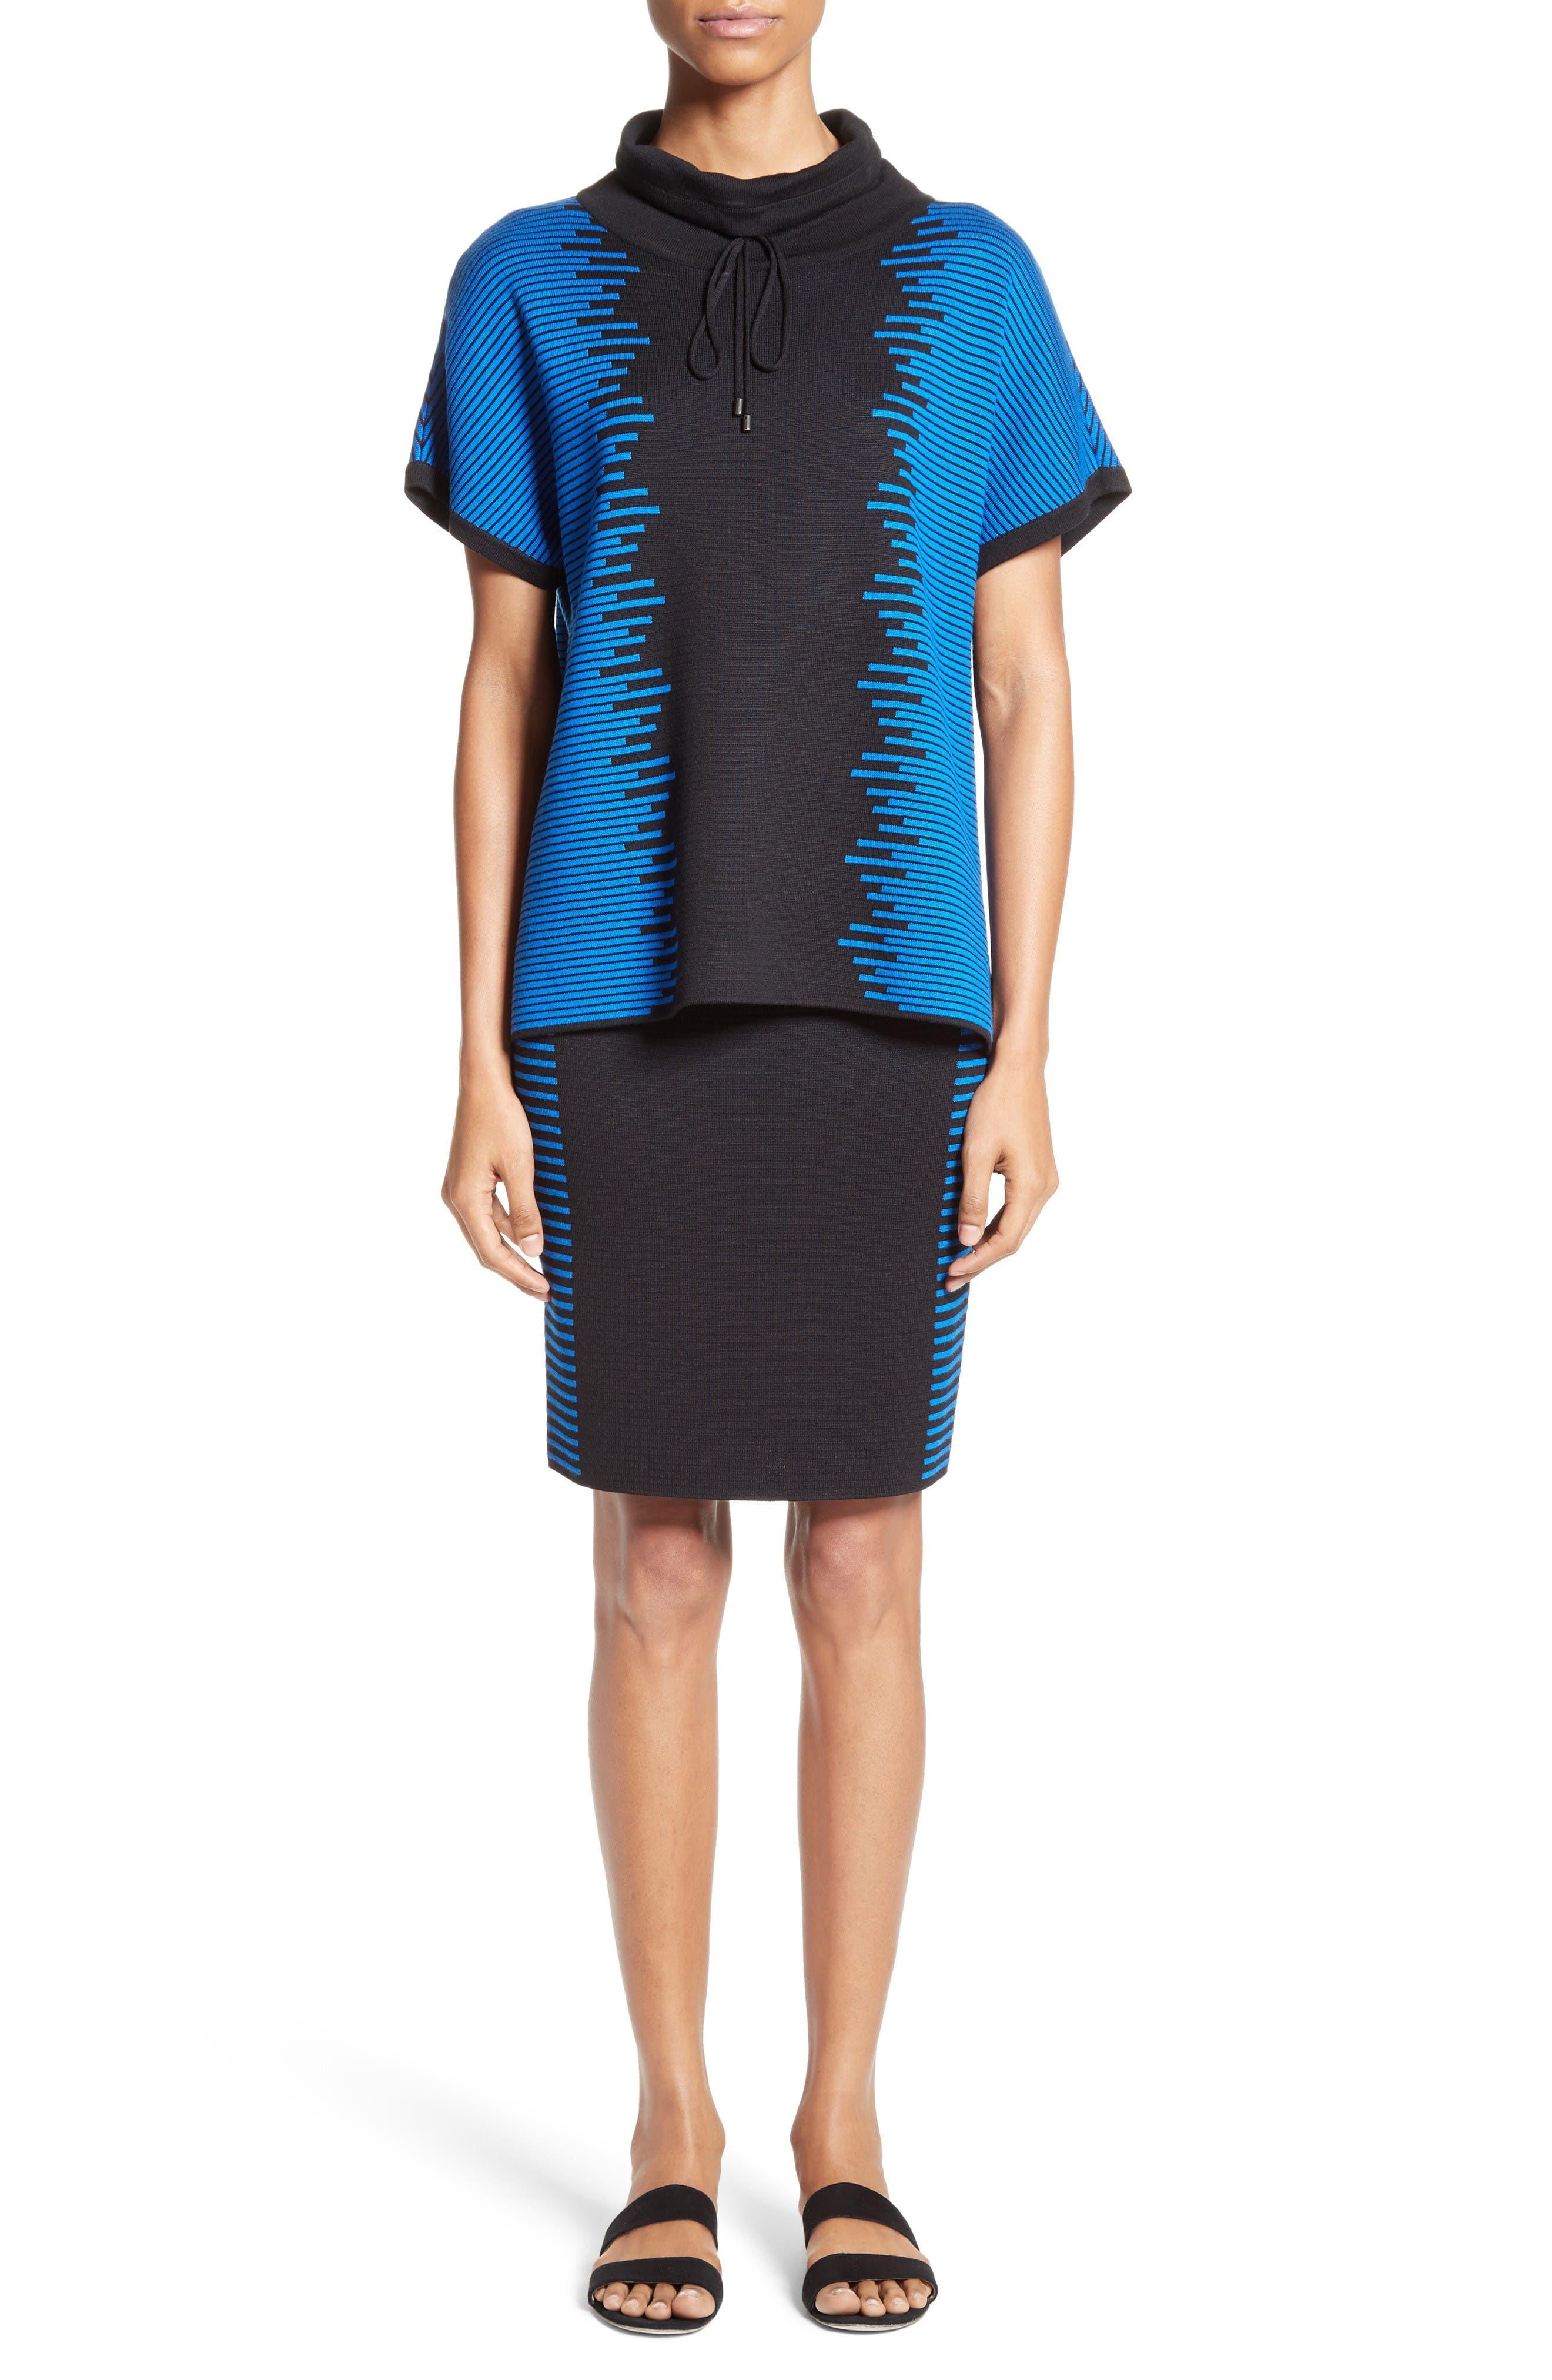 Stripe Knit Jacquard Pencil Skirt,                             Alternate thumbnail 8, color,                             Caviar/ Jaya Blue